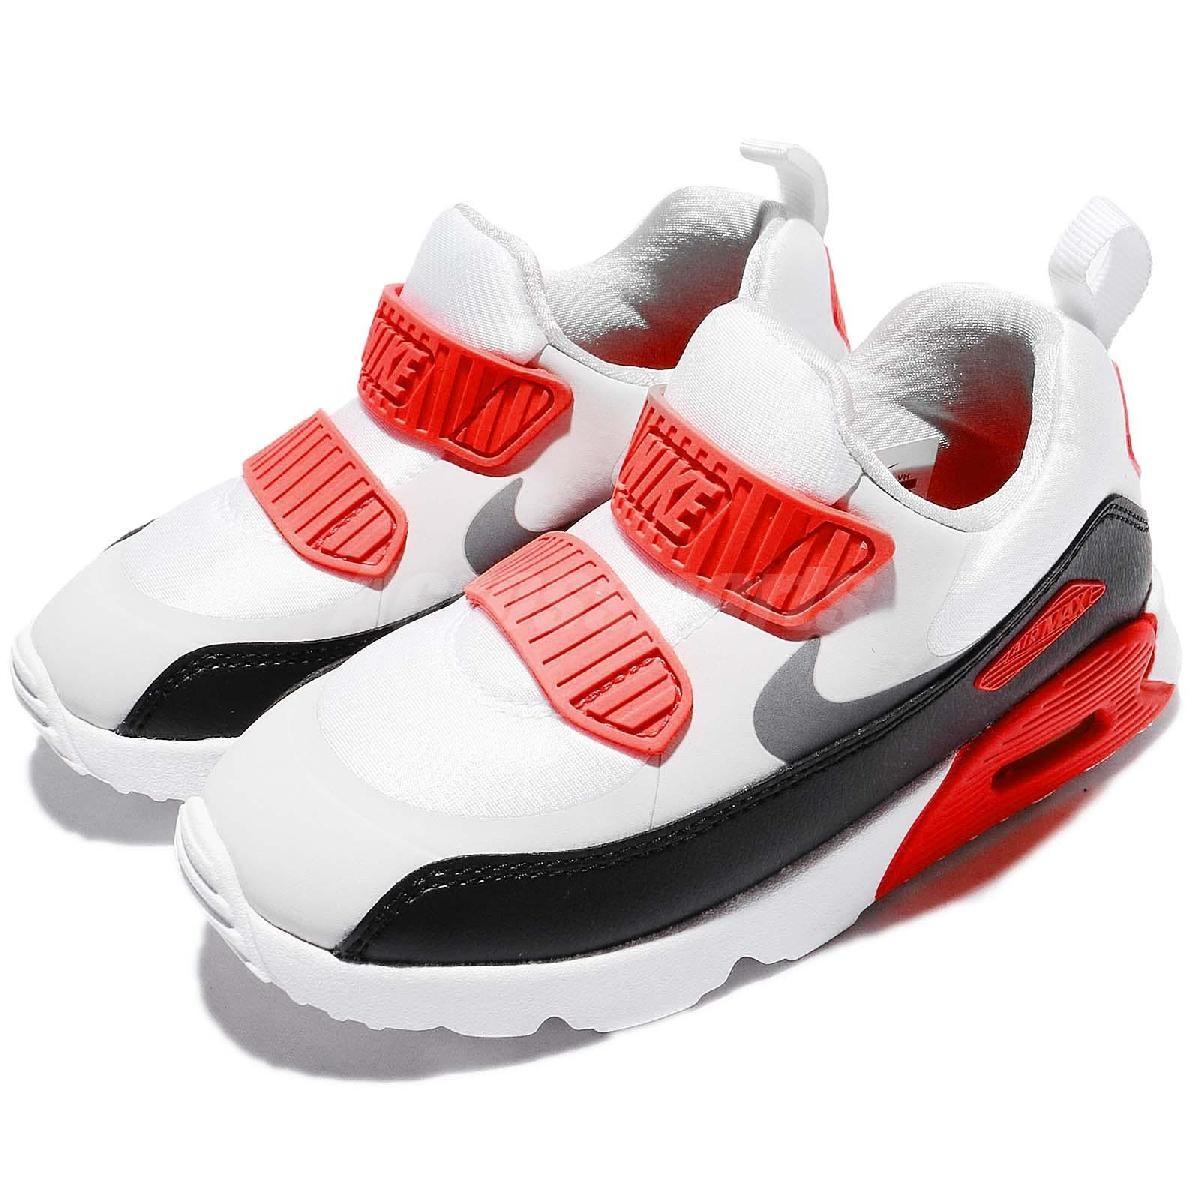 Nike復古慢跑鞋Air Max Tiny 90 TD灰黑白免綁鞋帶氣墊休閒鞋童鞋小童鞋PUMP306 881924-002